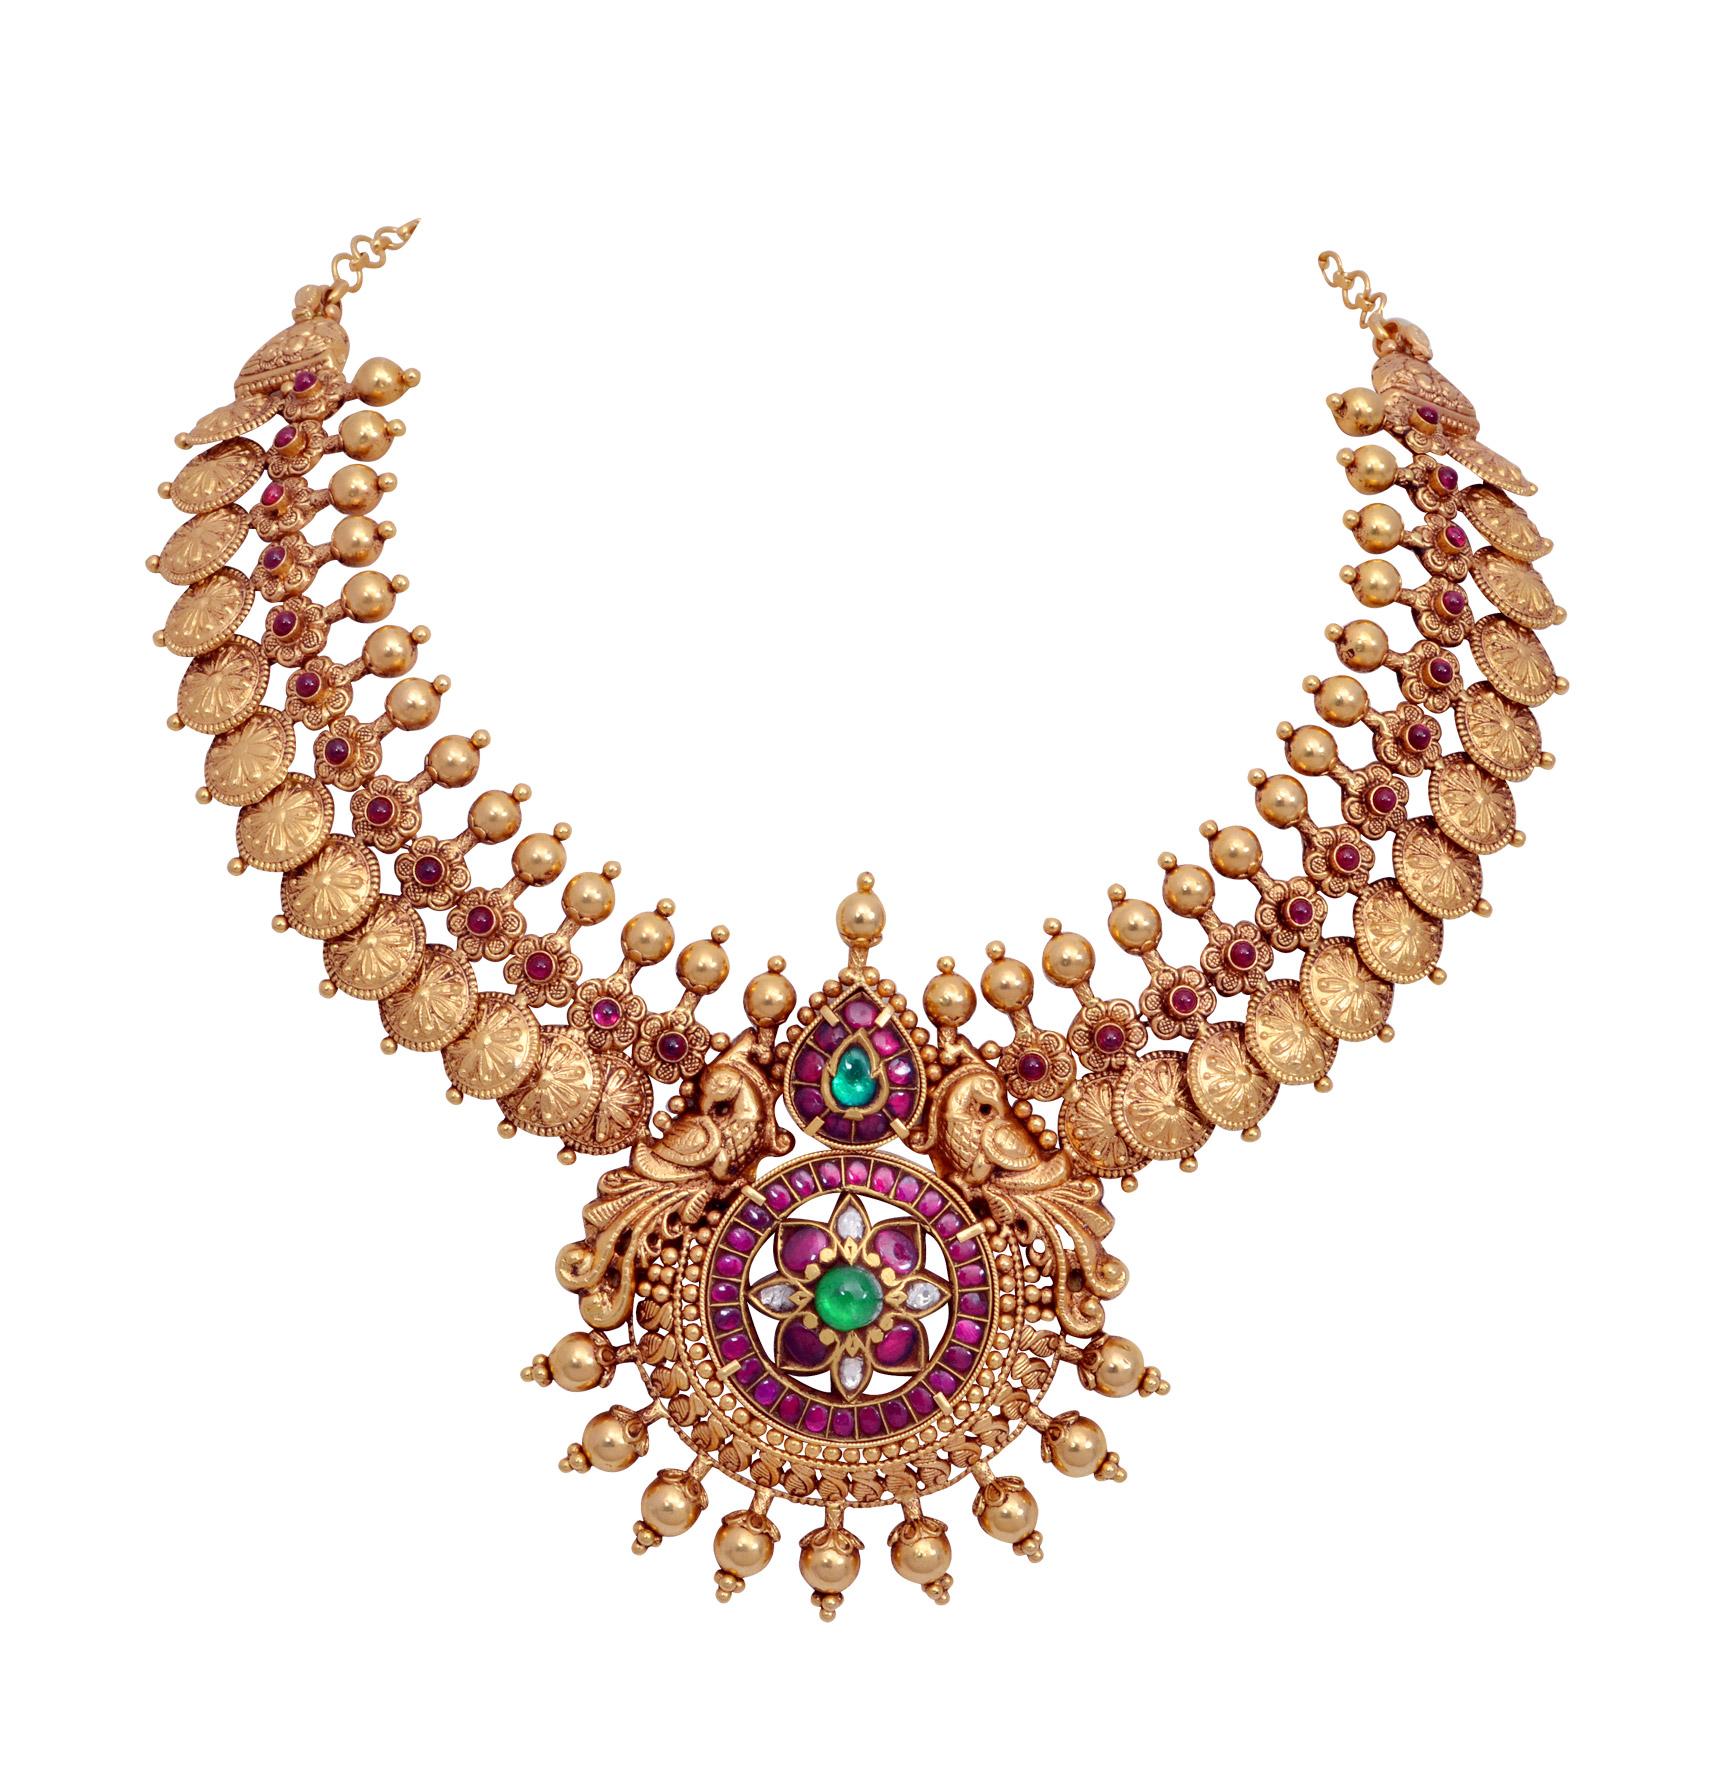 antique necklaces alia tawuus antique necklace FKUXATN